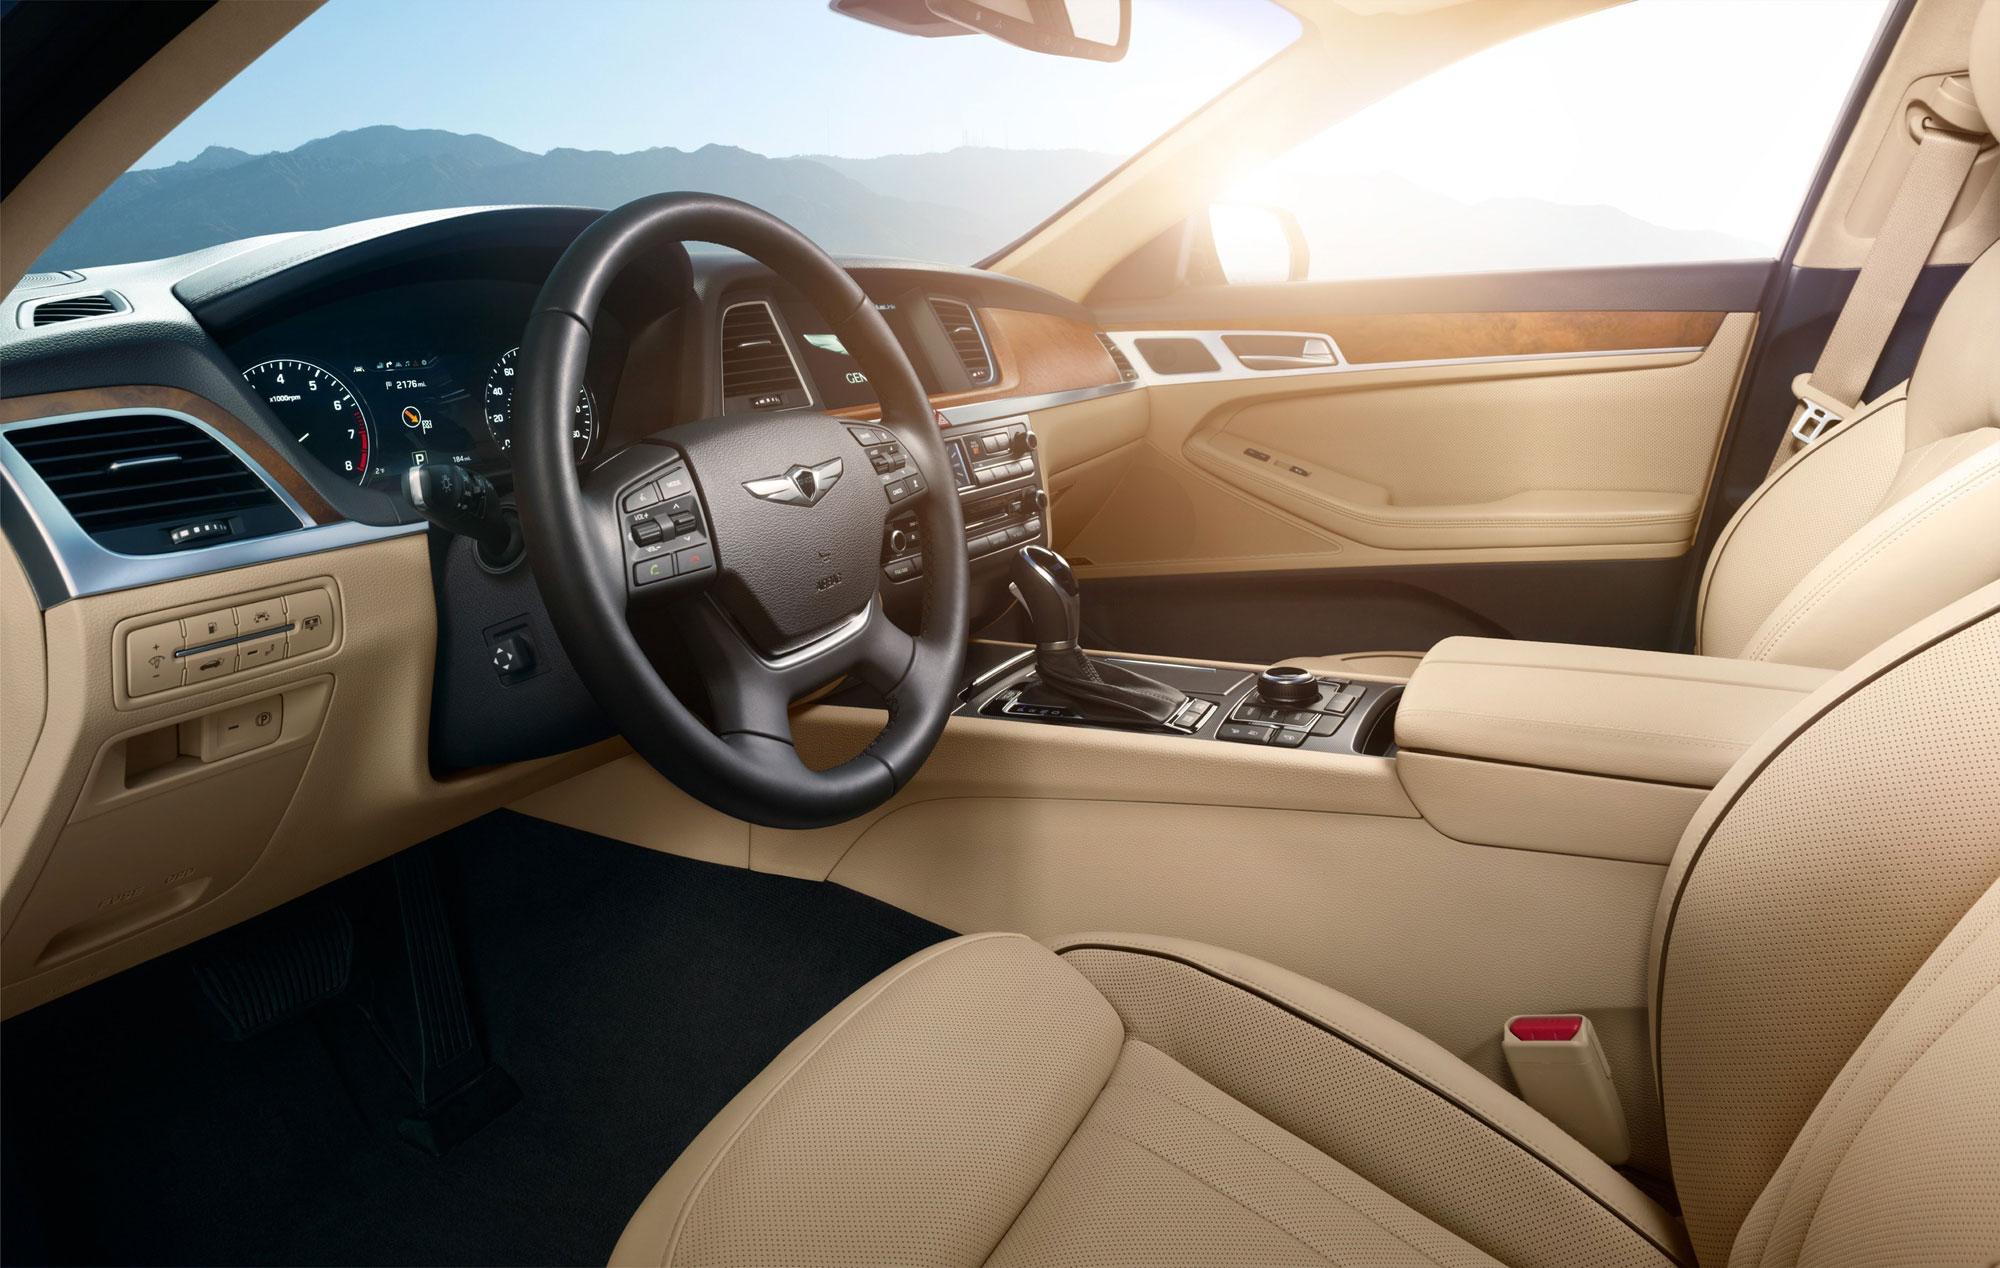 The 2016 Hyundai Genesis interior